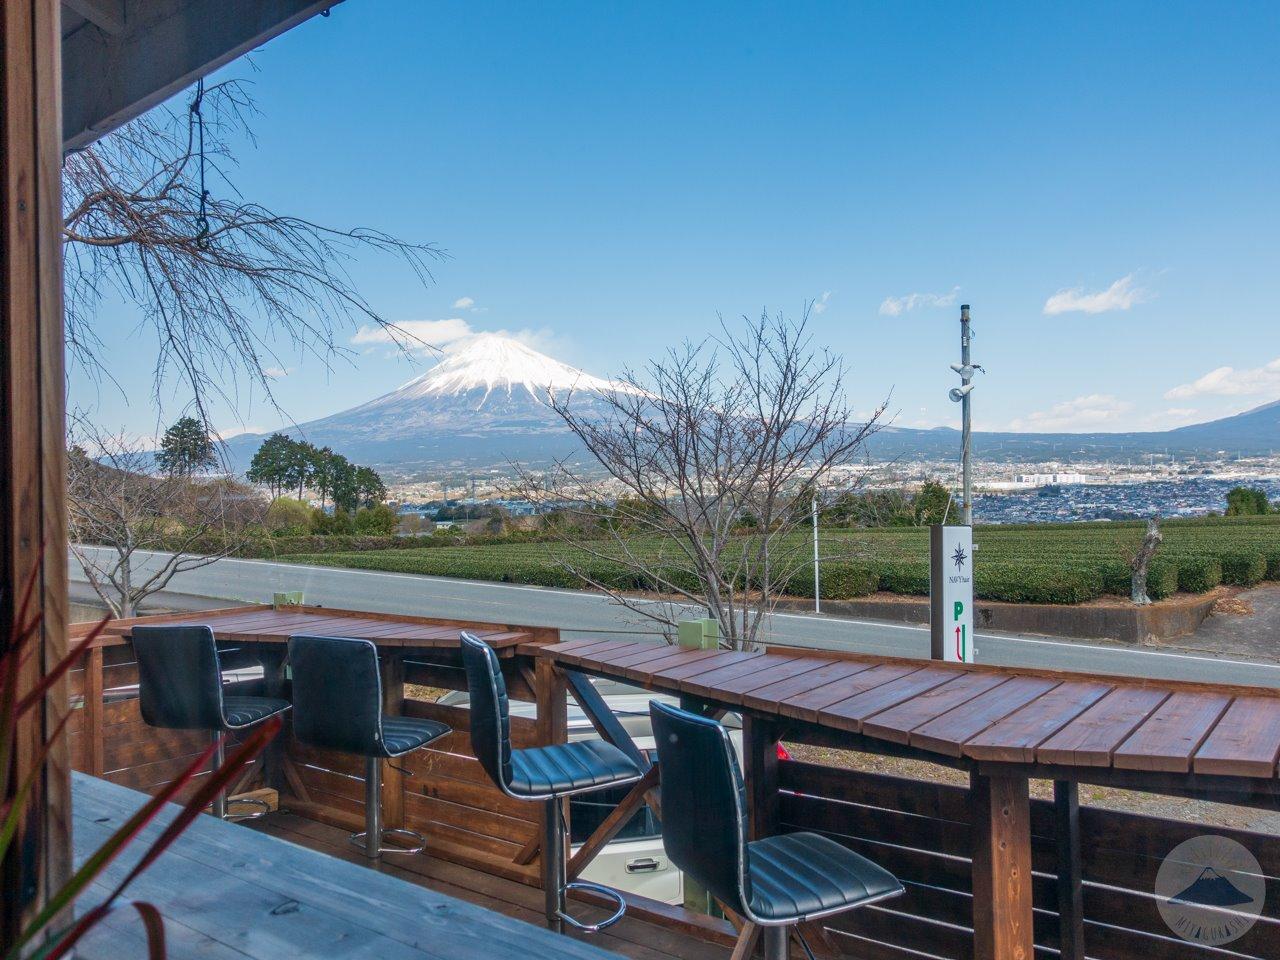 ルーモスカフェの店内から見る富士山